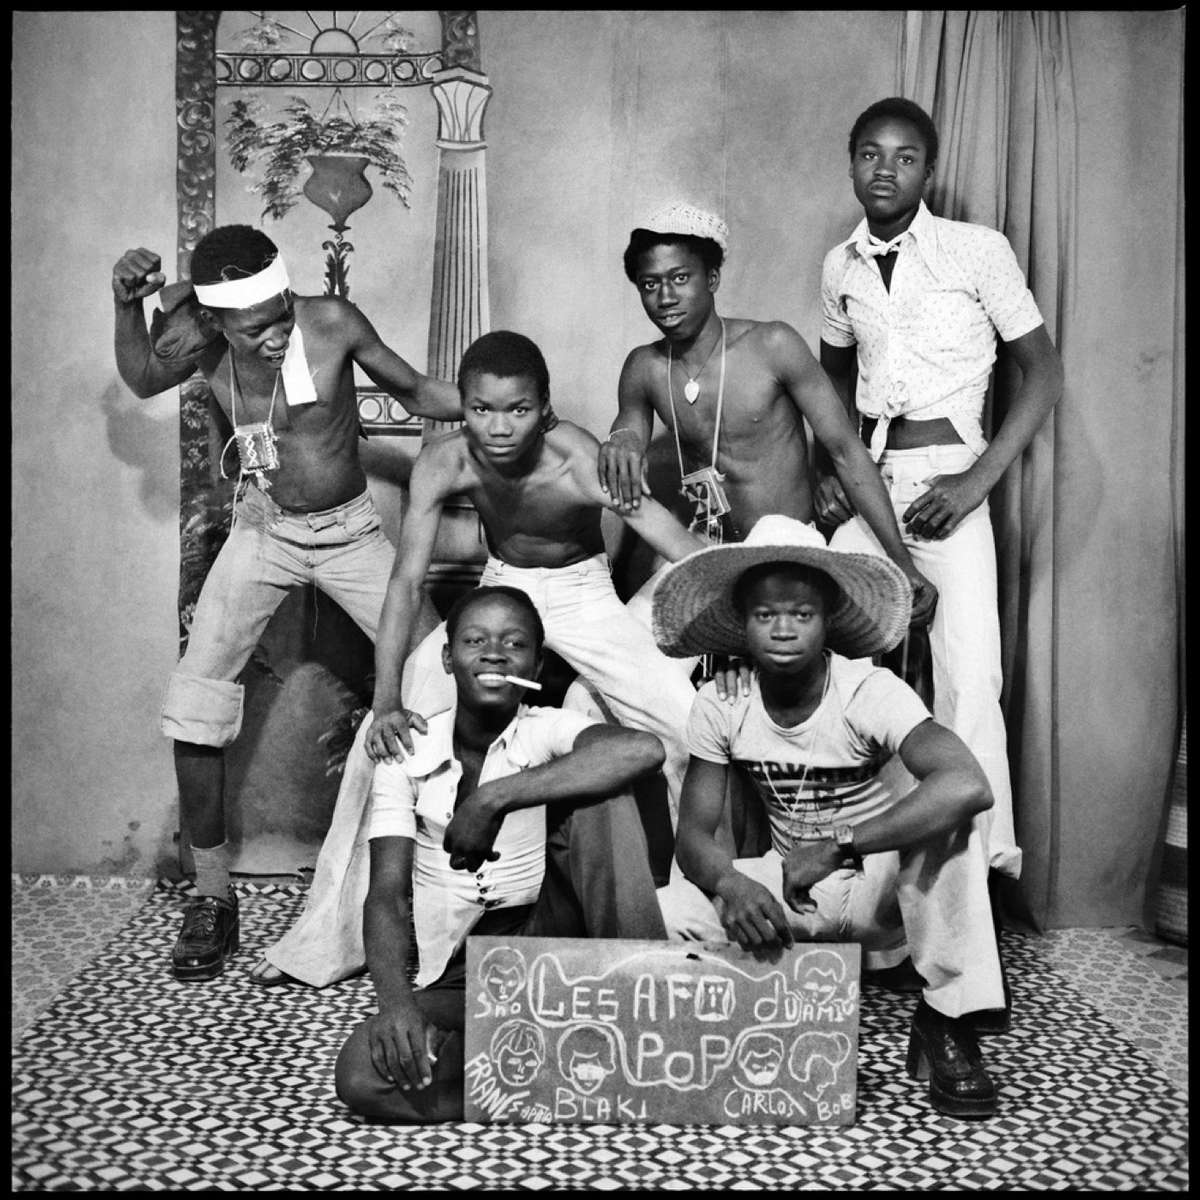 Les Afro-Pop, 1973 (Sory Sanlé)